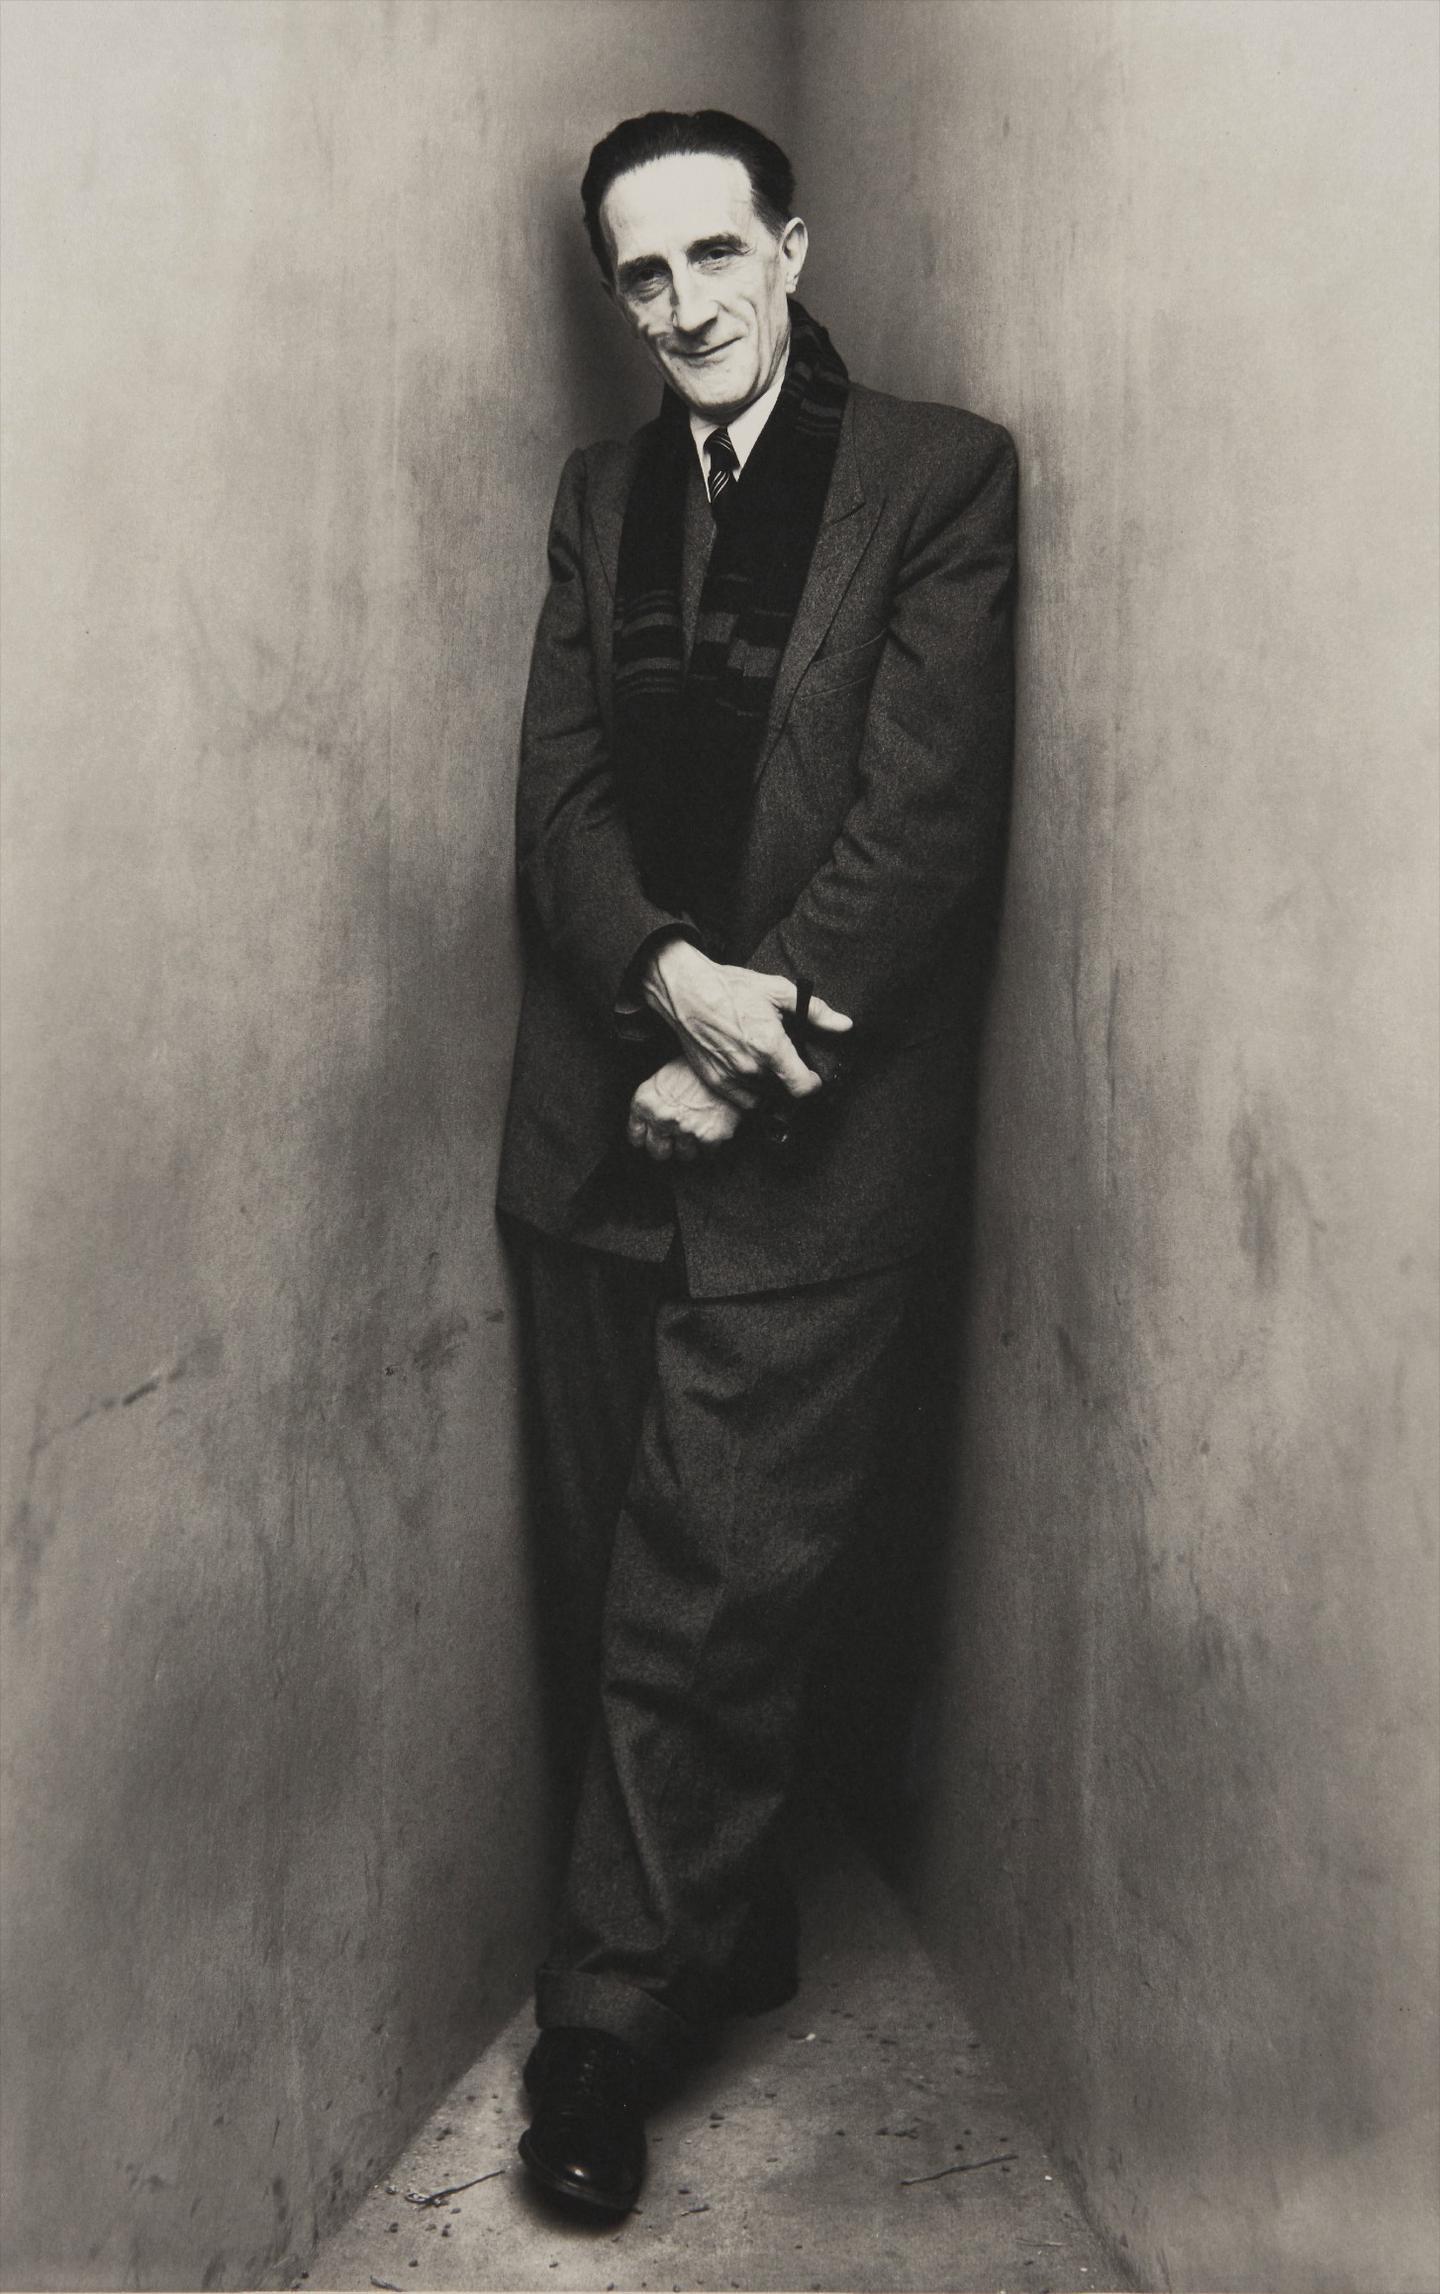 Irving Penn-Marcel Duchamp, New York, April 30-1948